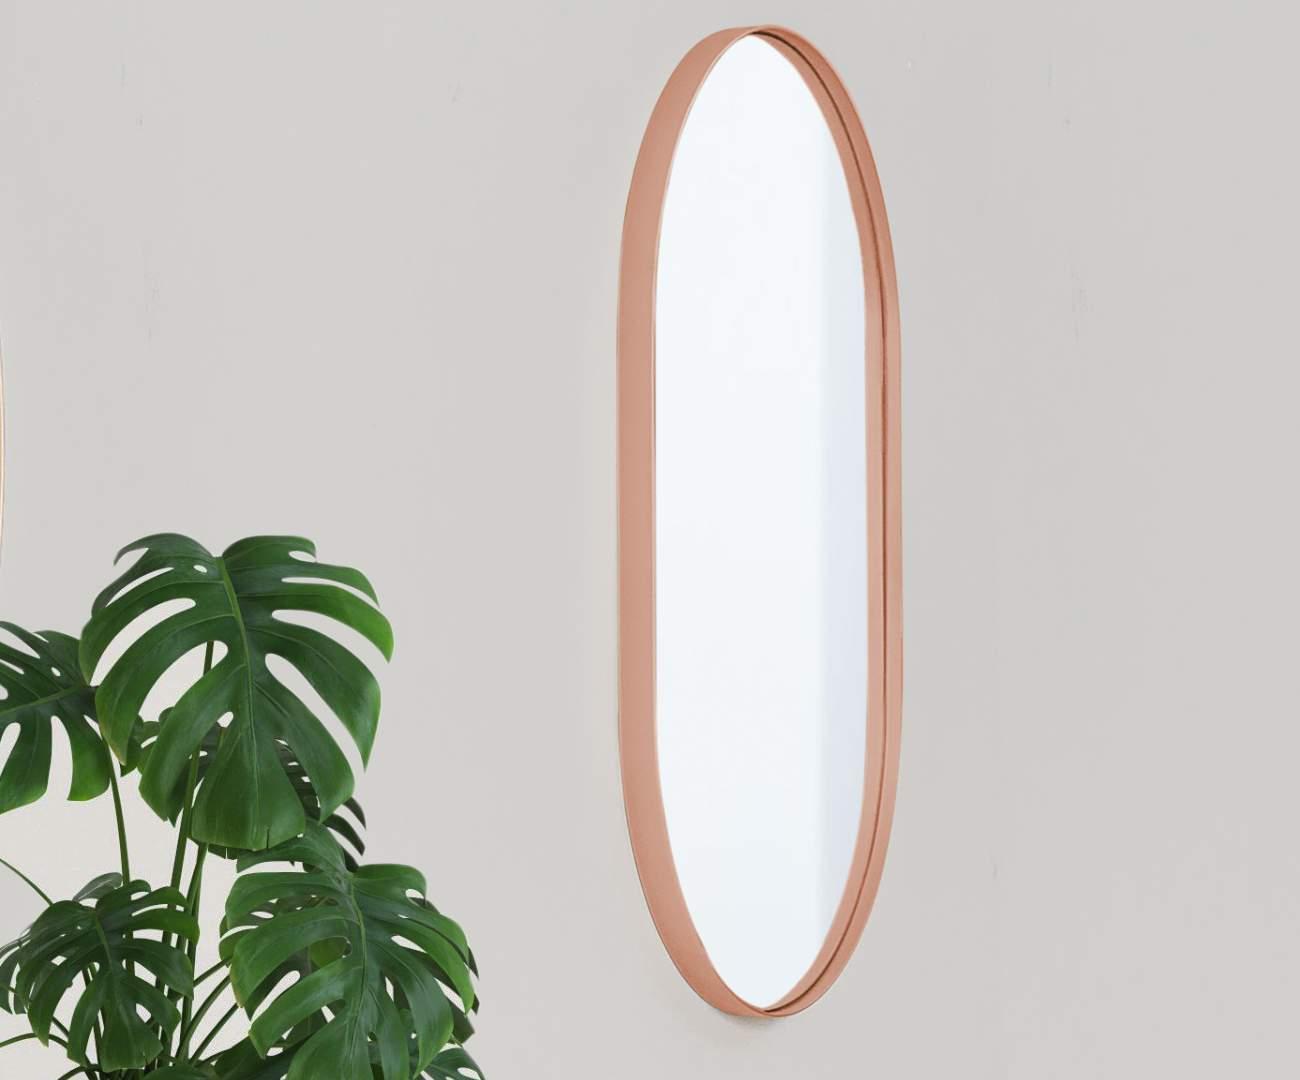 espelho oval cobre asturias 1136